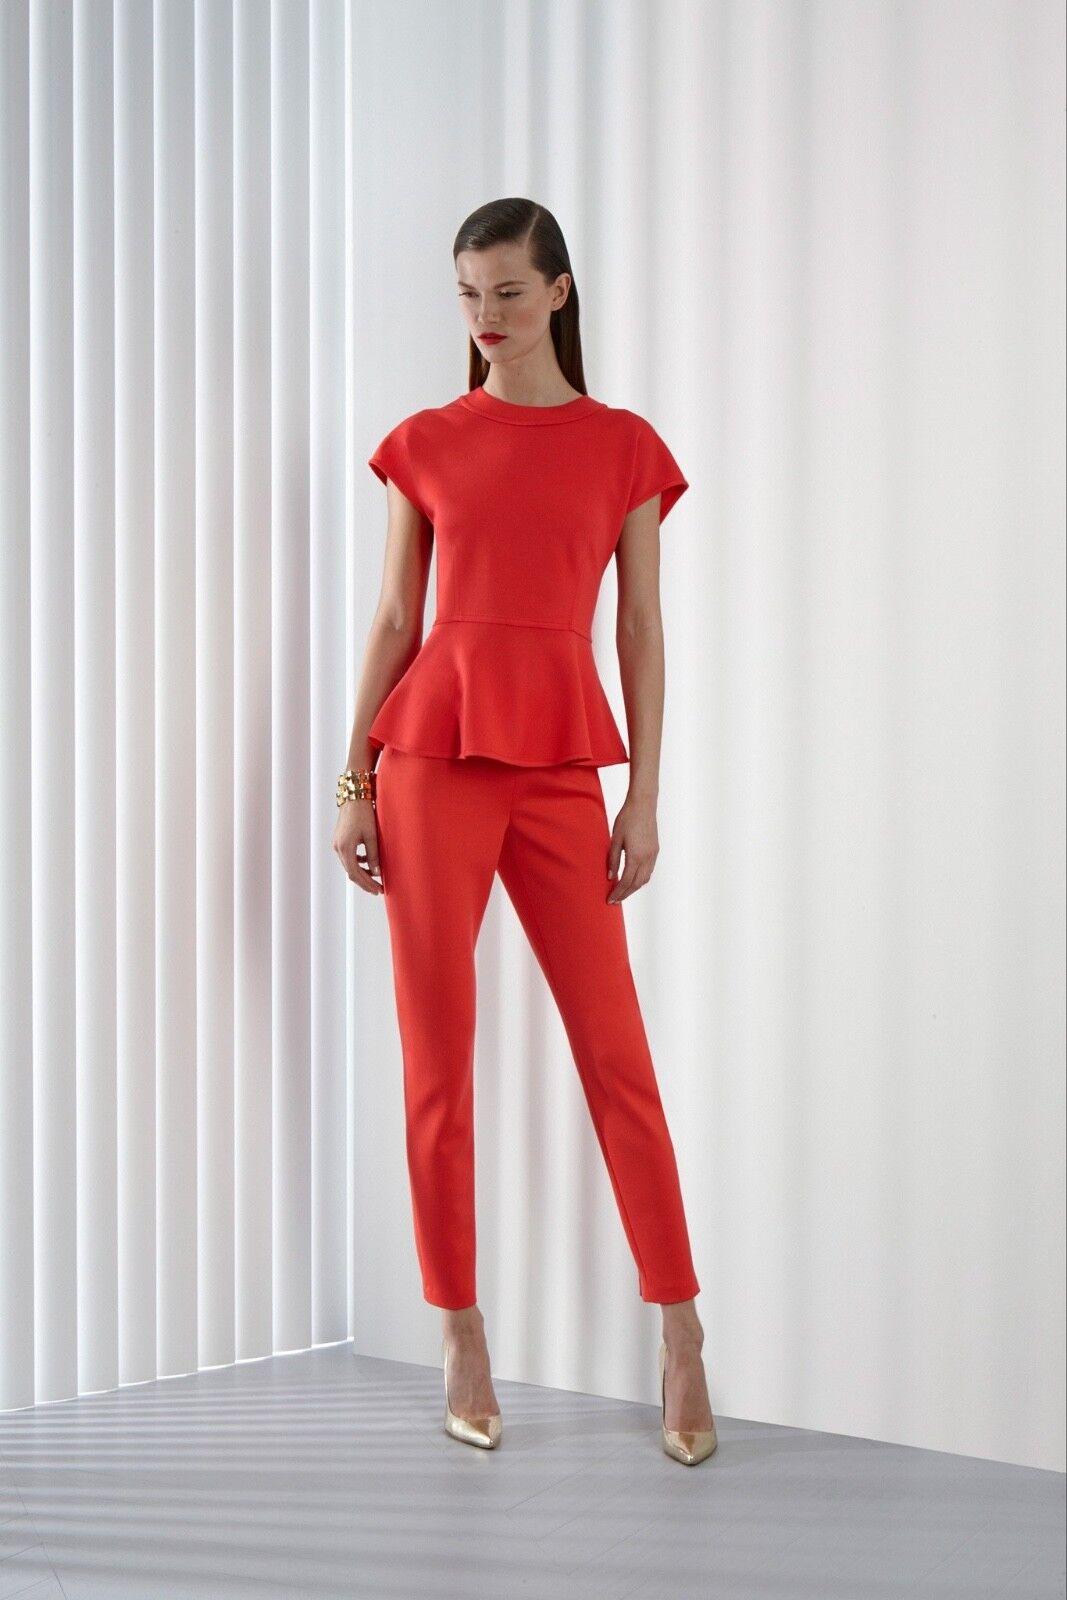 NWOT St John Design Sample Rubin rot Short sleeve Fit & Flare Peplum Top 4